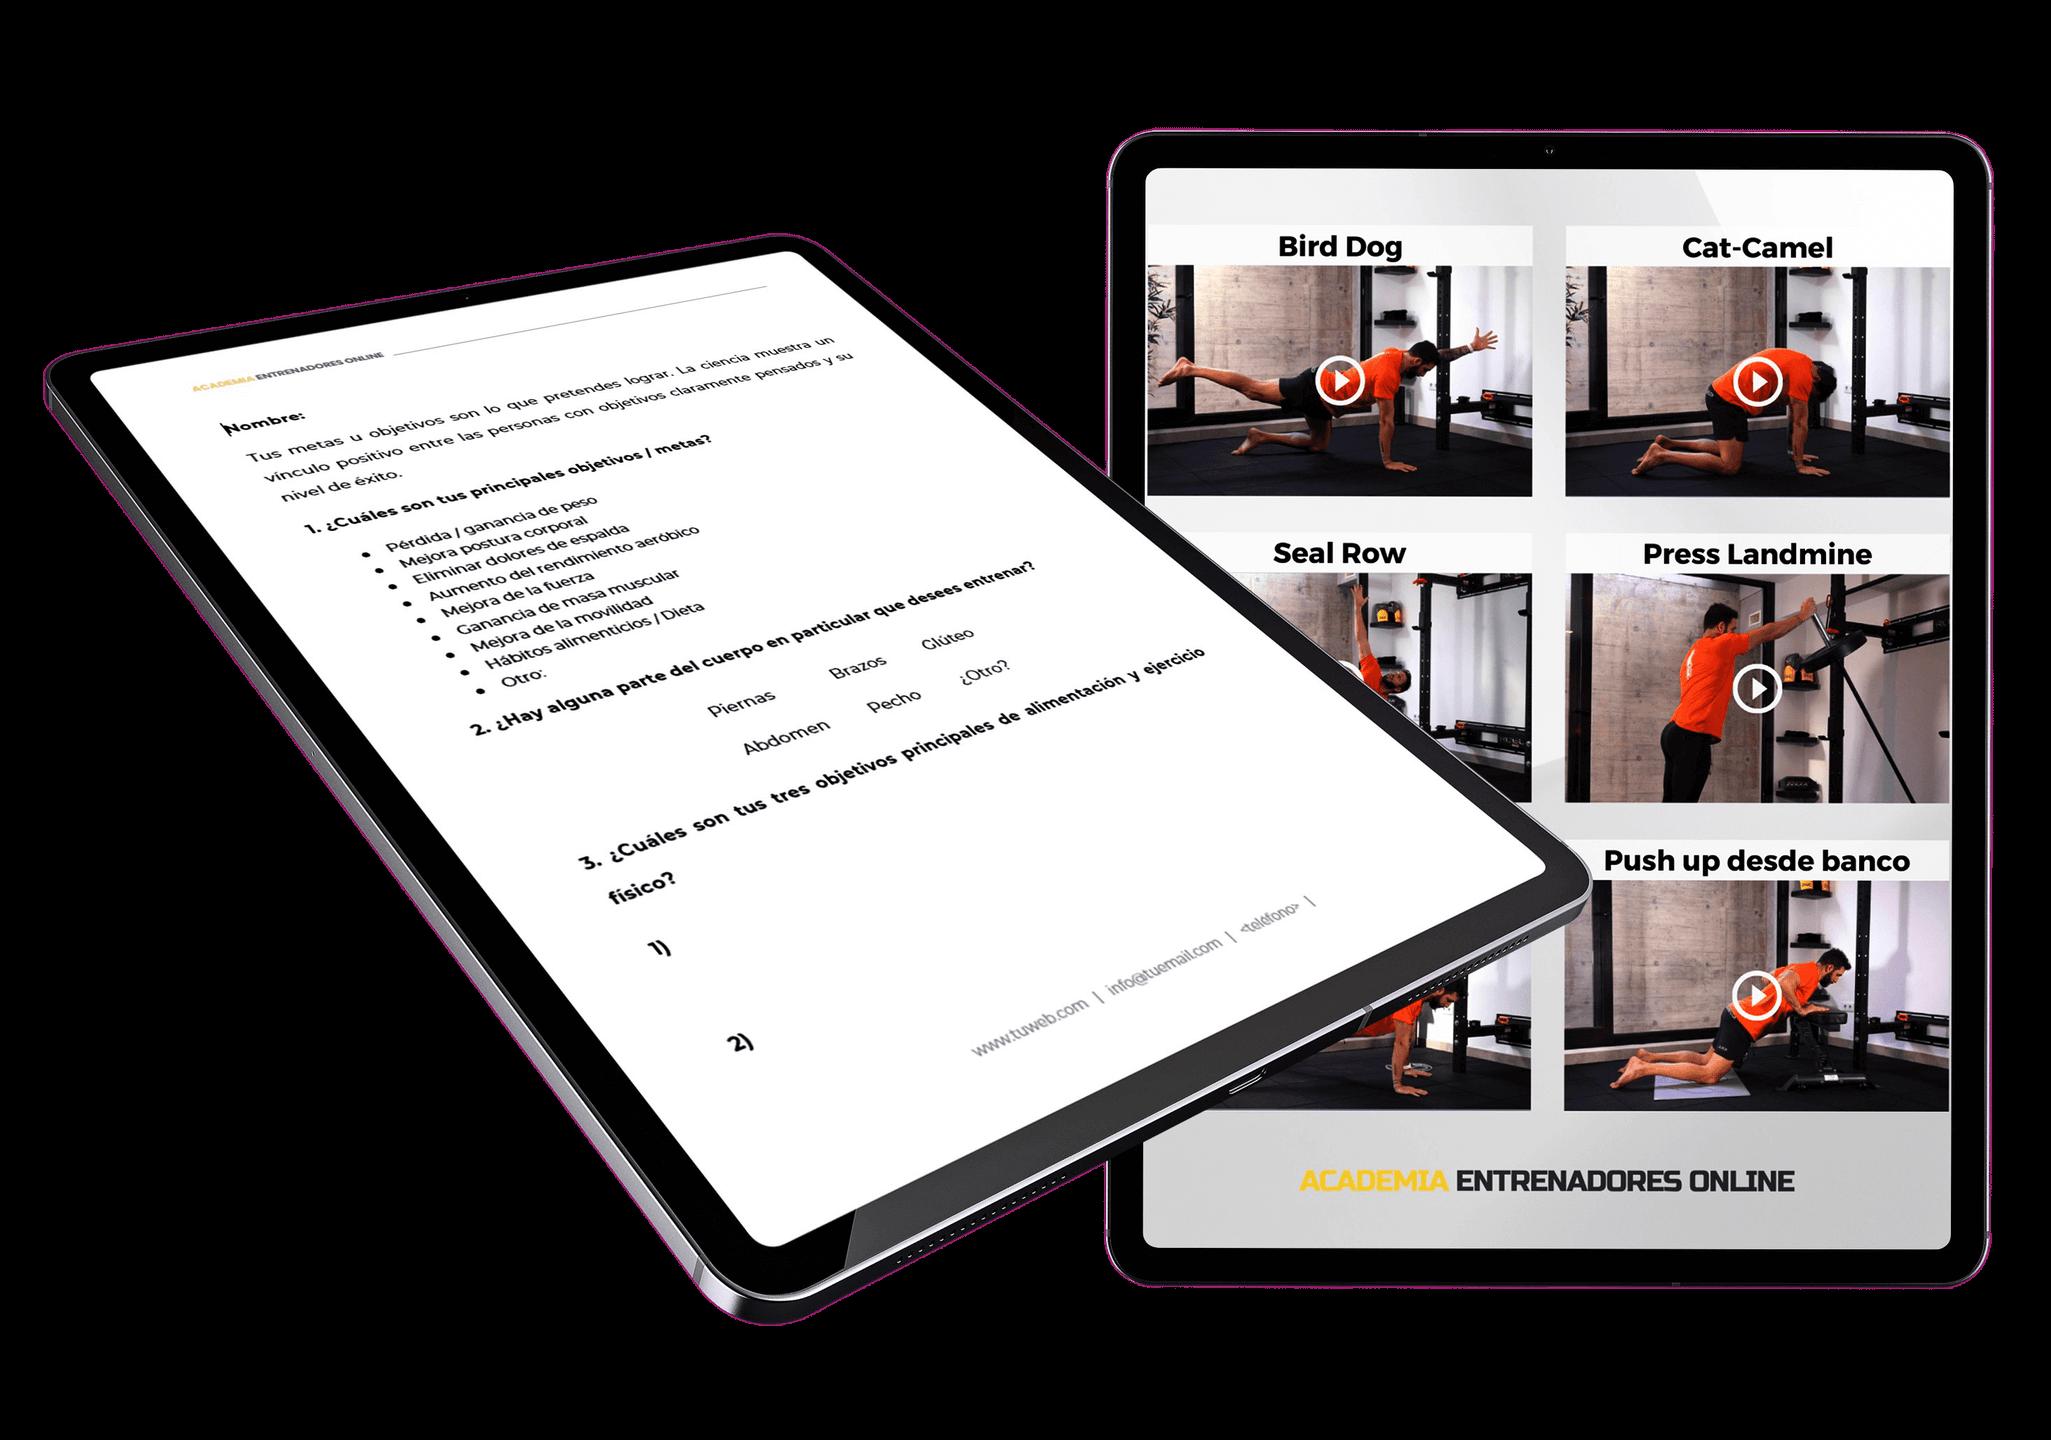 videoteca de ejercicios para entrenadores